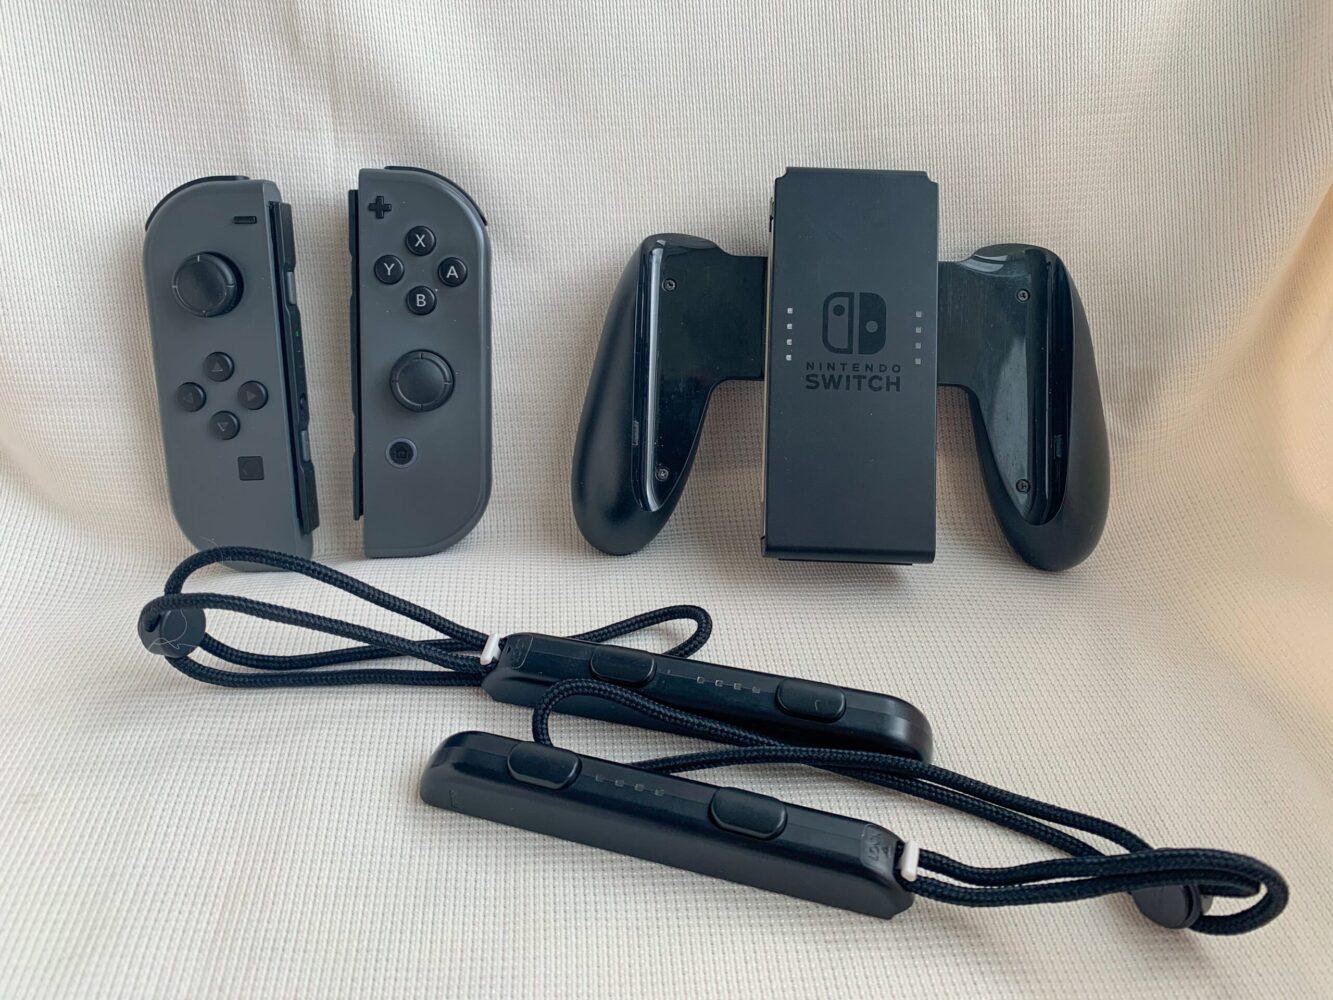 Het Gezinsleven - Gezinsactiviteiten - Speelgoed - De Nintendo Switch - Verschillende manier om een Joy-con controller te gebruiken 1